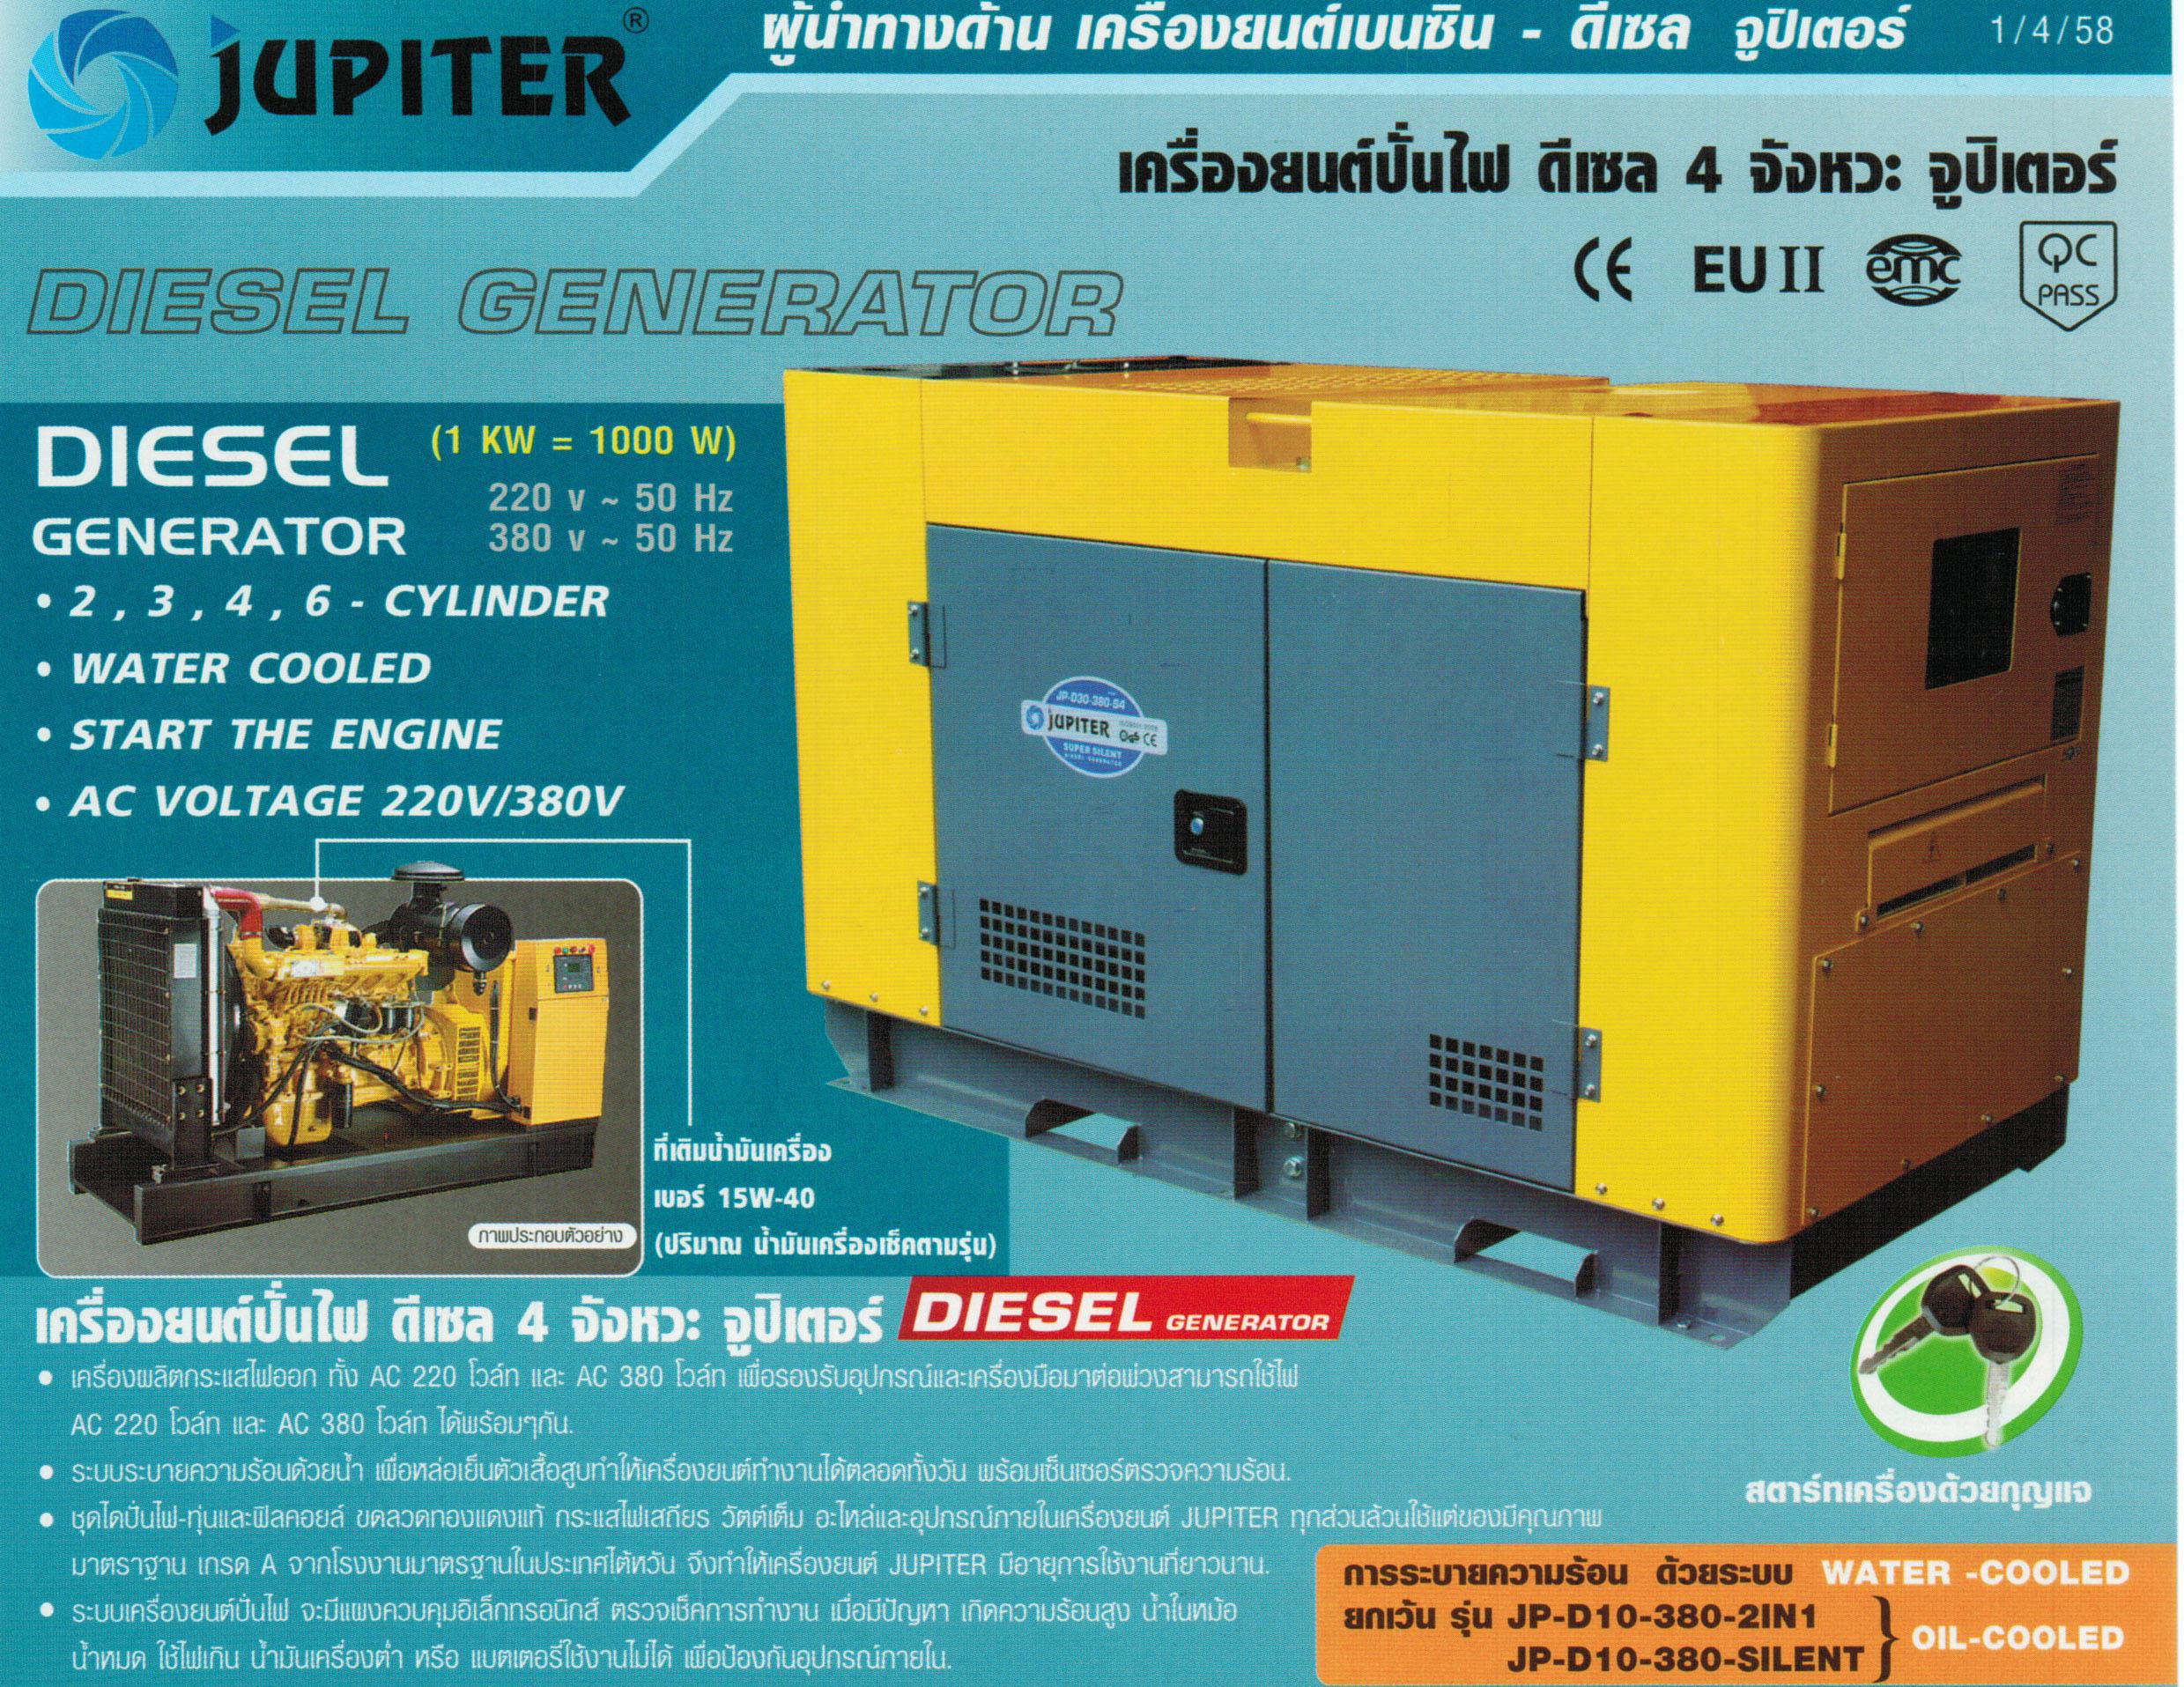 เครื่องปั่นไฟขนาดใหญ่ ดีเซล 4 จังหวะ JUPITER รุ่น JP-D100-380-S6